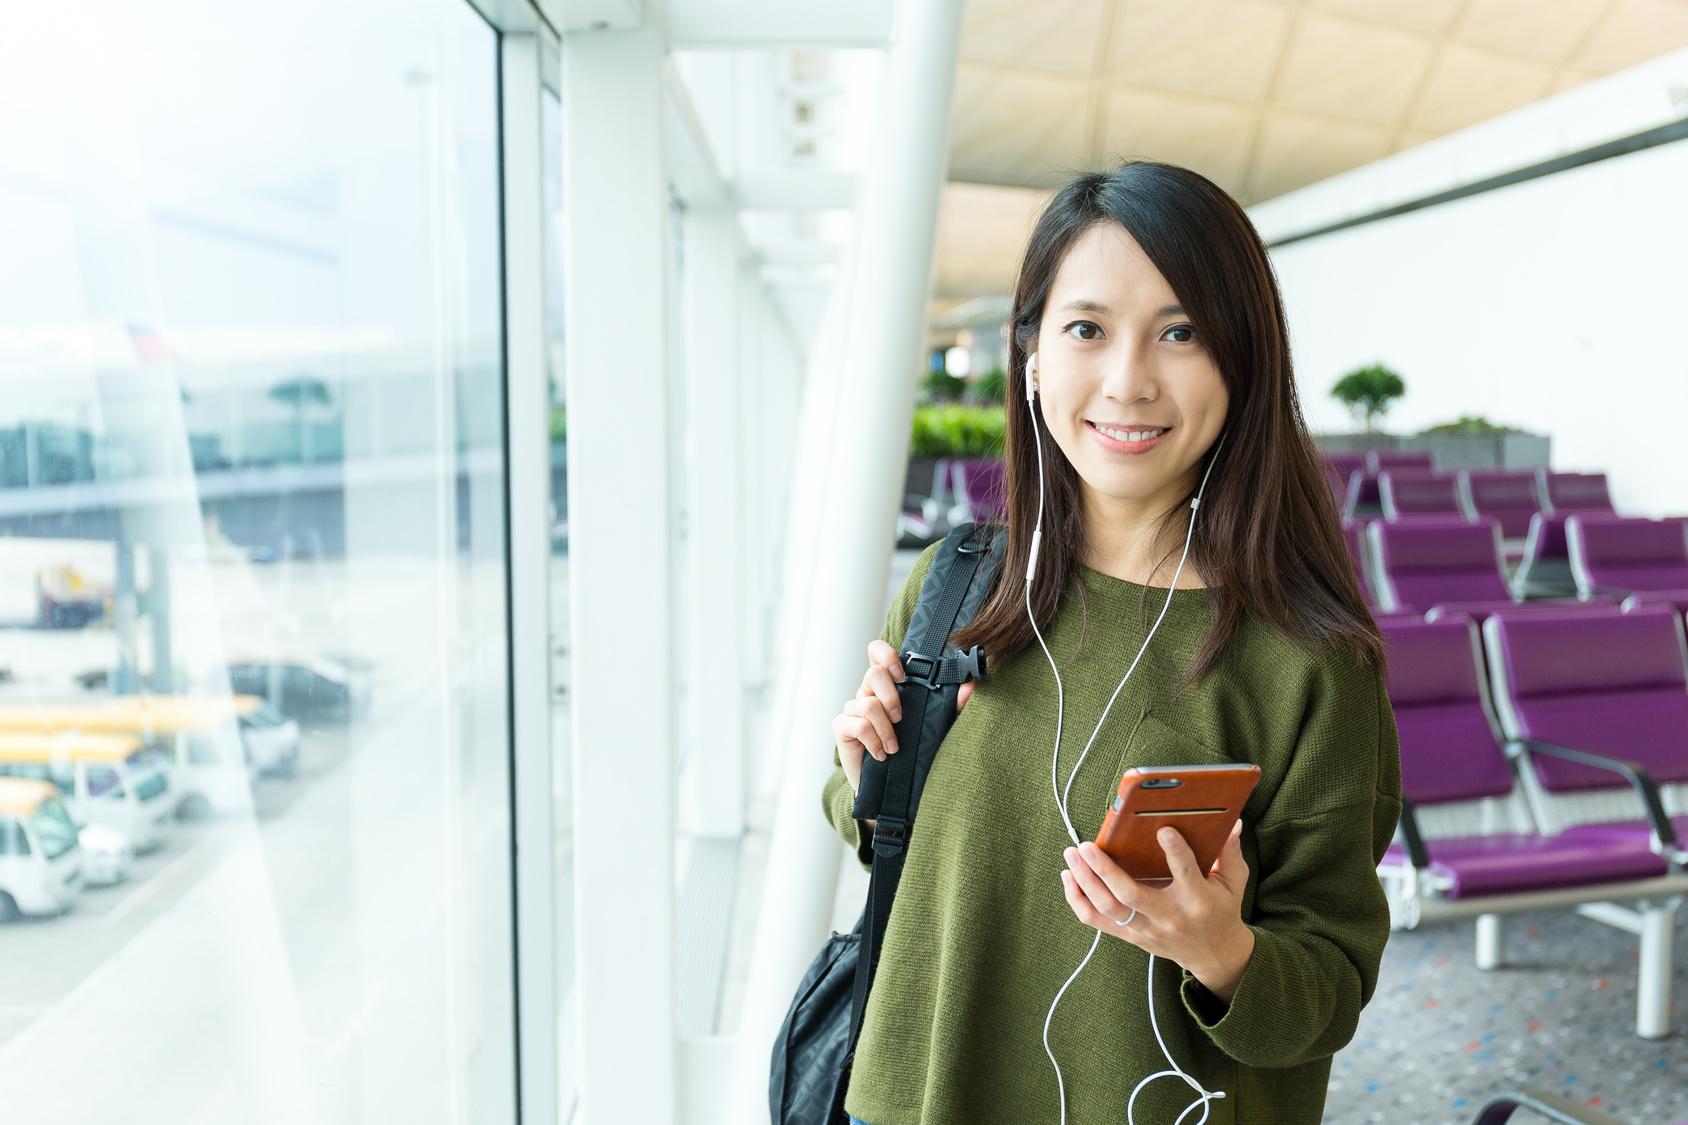 海外旅行をひとりで満喫できるようになるには?